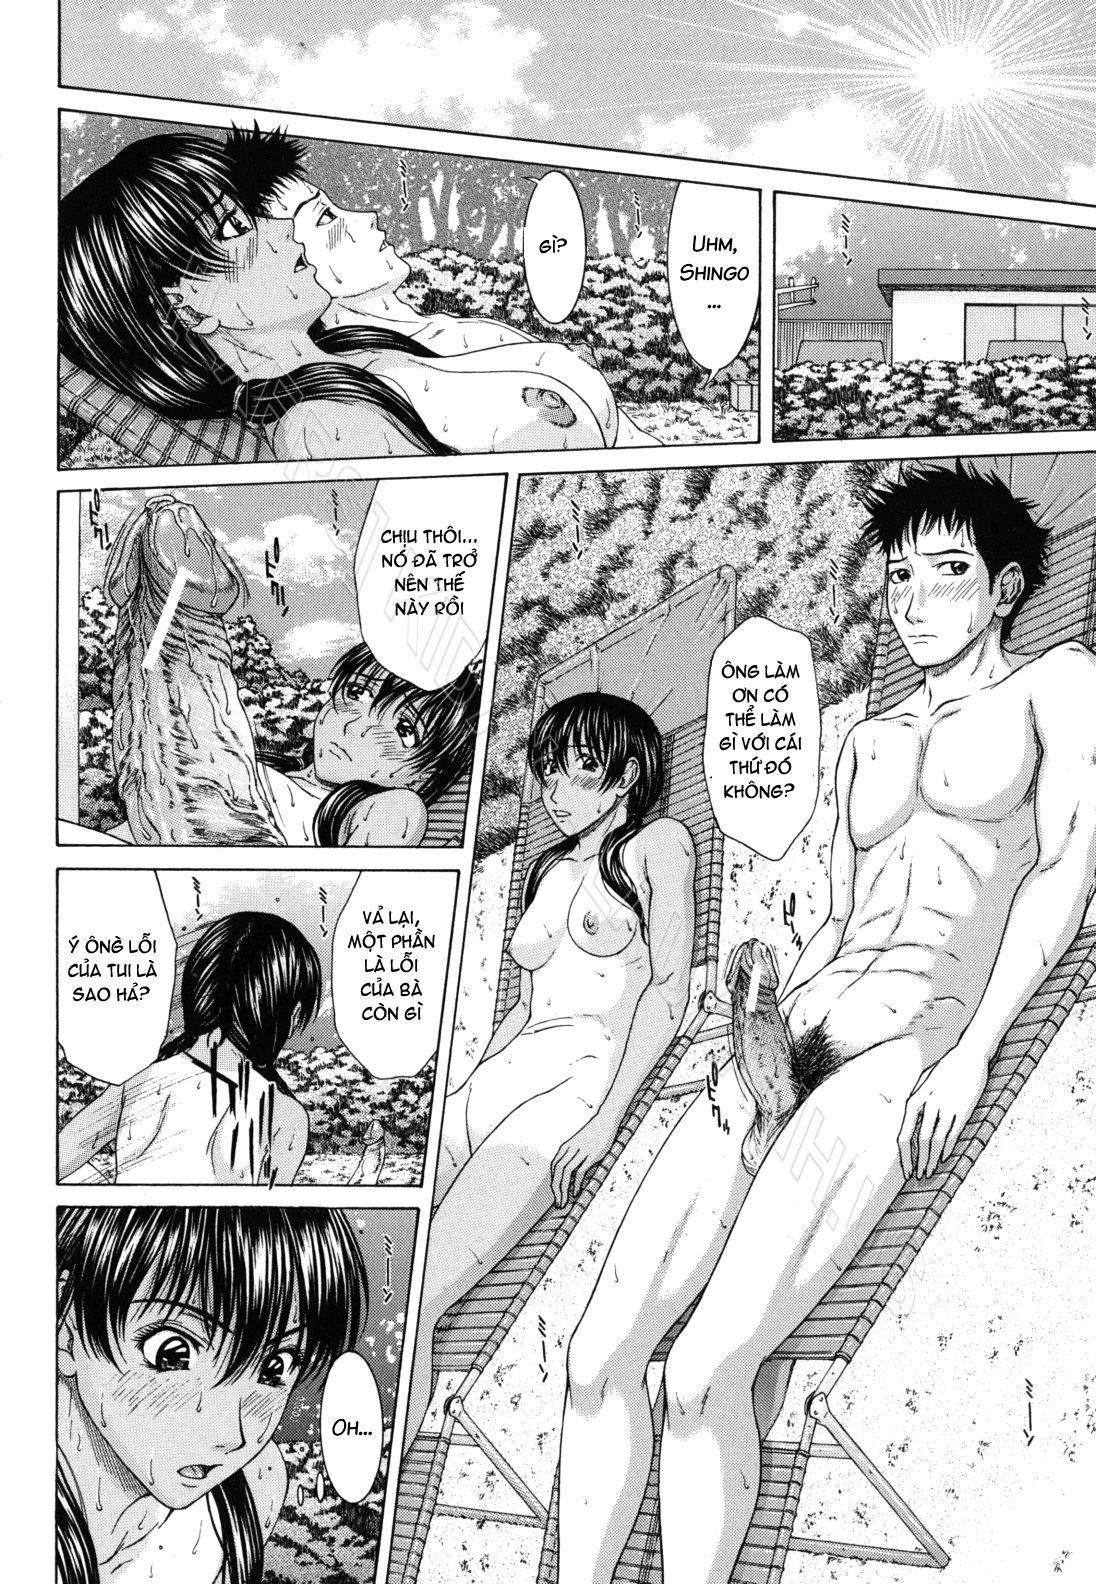 Hình ảnh nudity www.hentairules.net 179%2Bcopy trong bài viết Nong lồn em ra đi anh